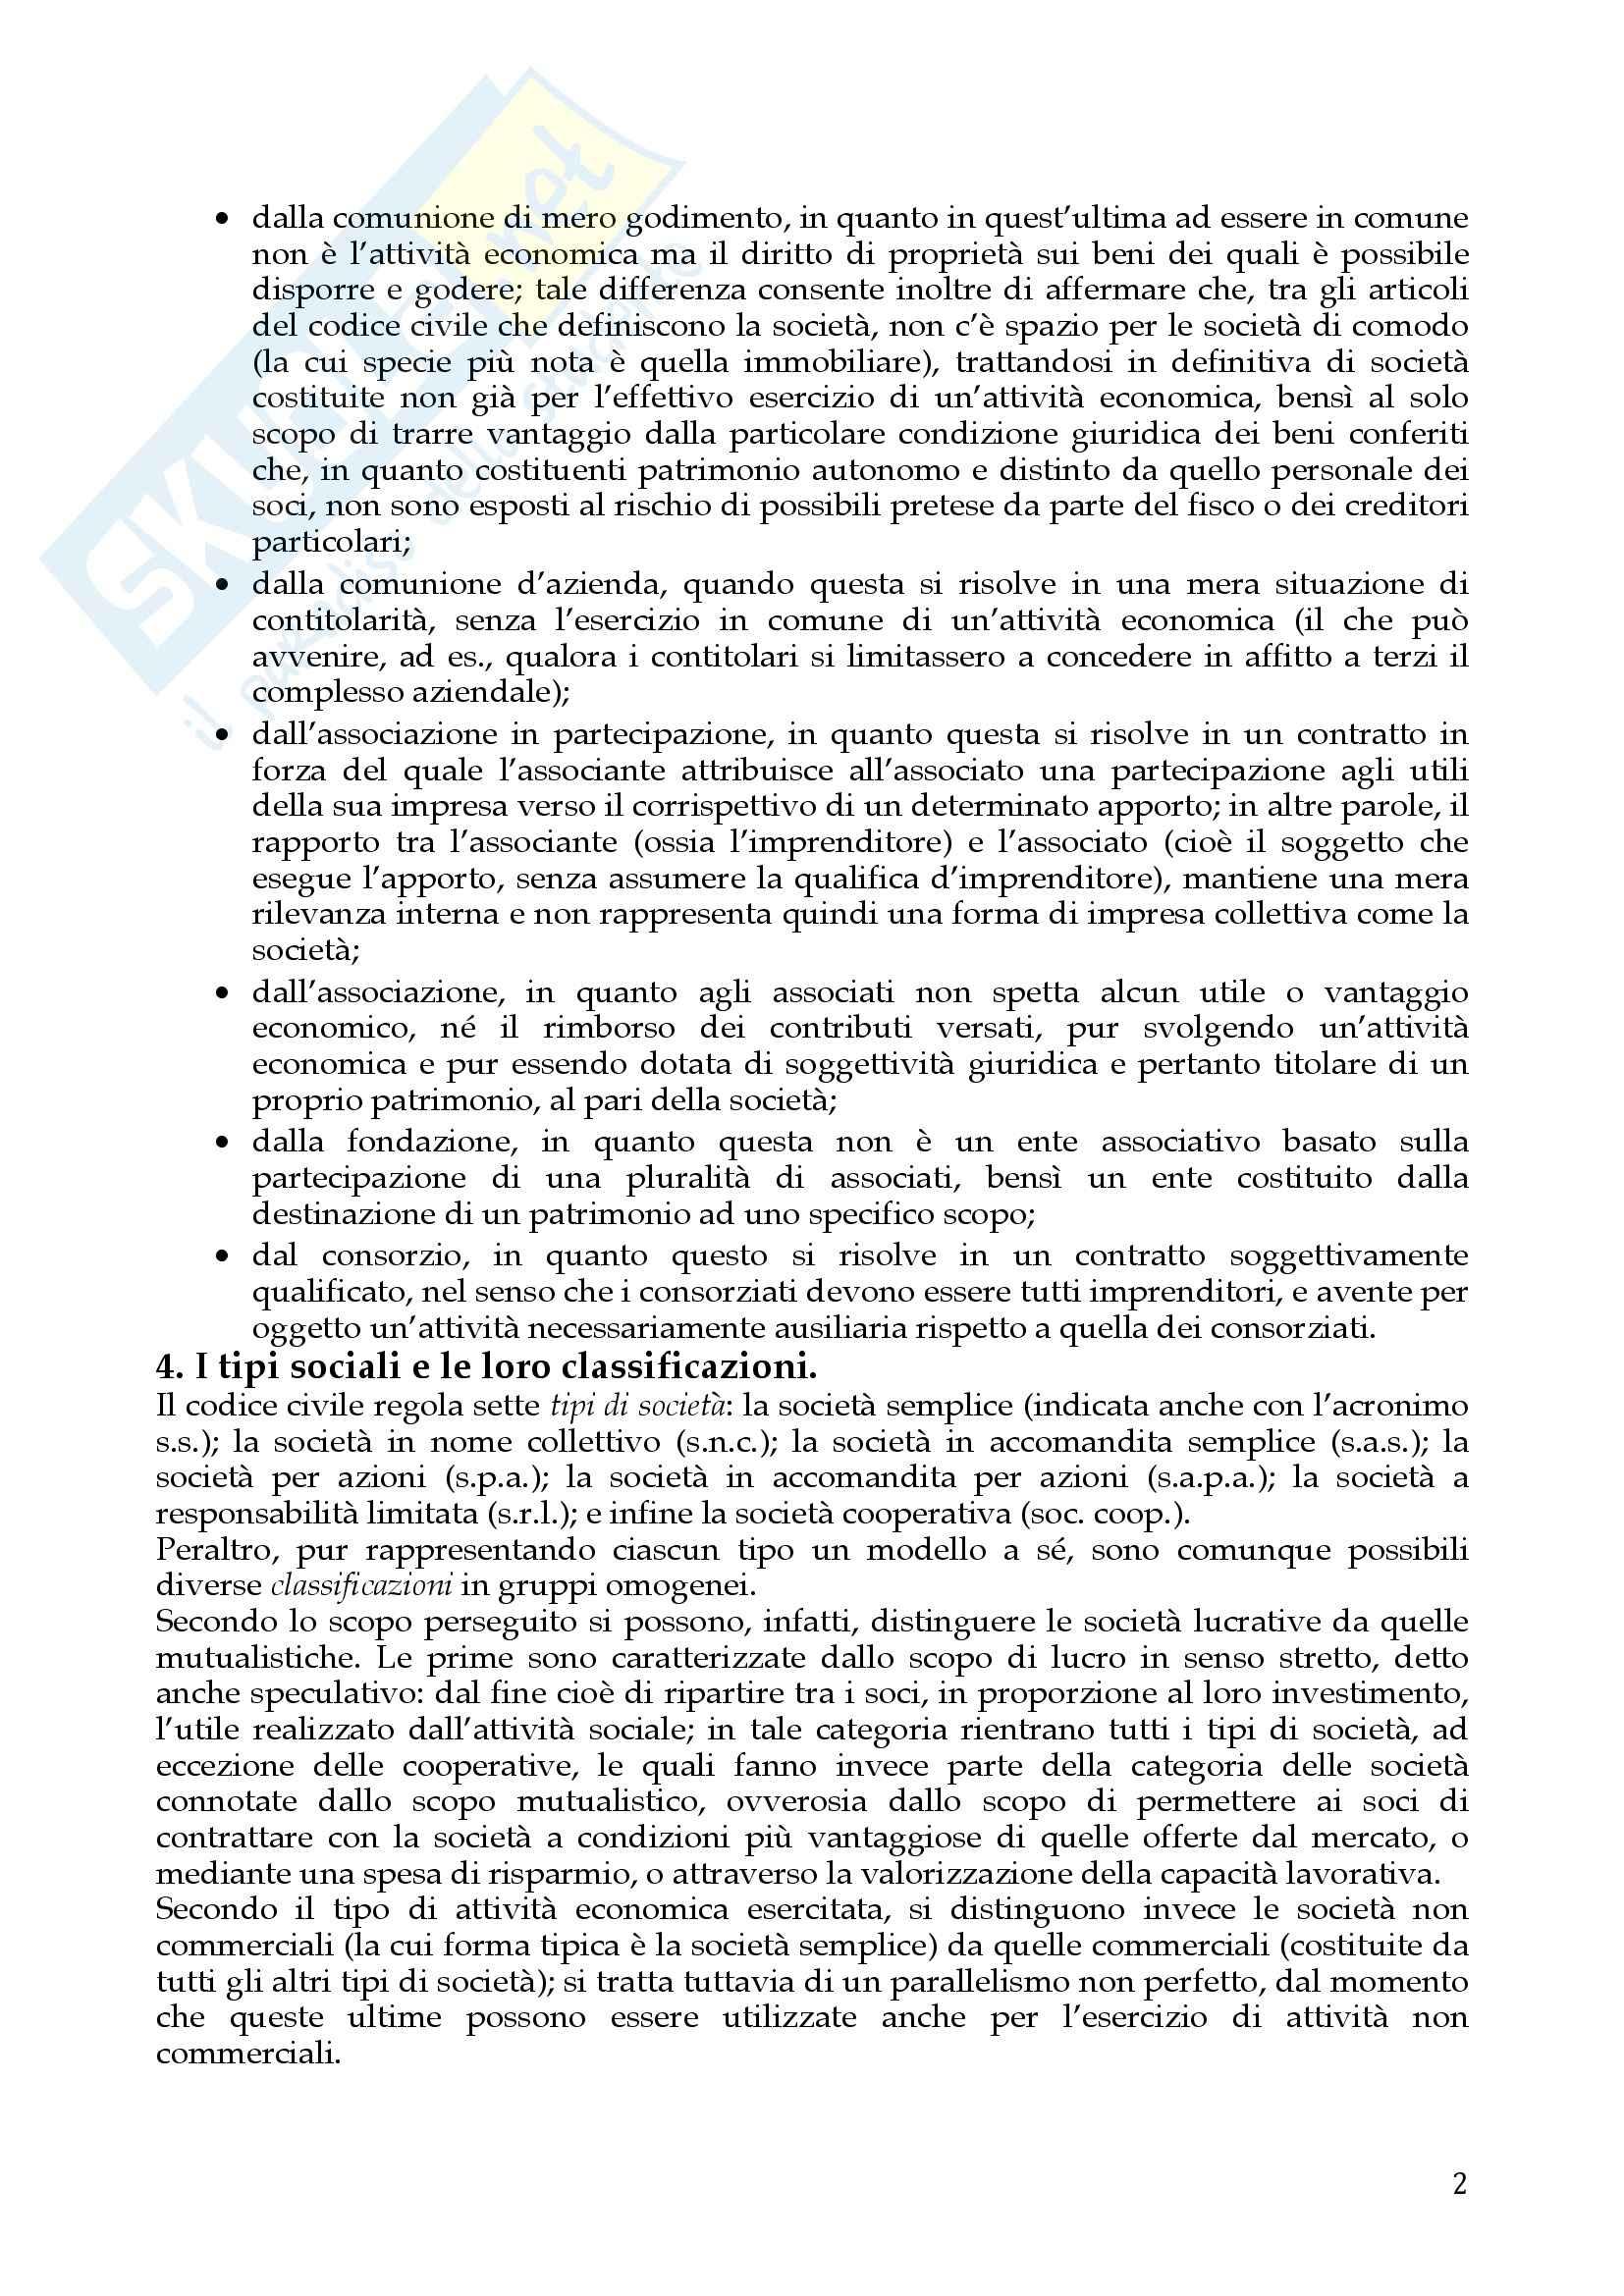 Riassunto esame Diritto Commerciale, prof. Dell'Atti, libro consigliato Diritto delle società, A.A.V.V. Pag. 2